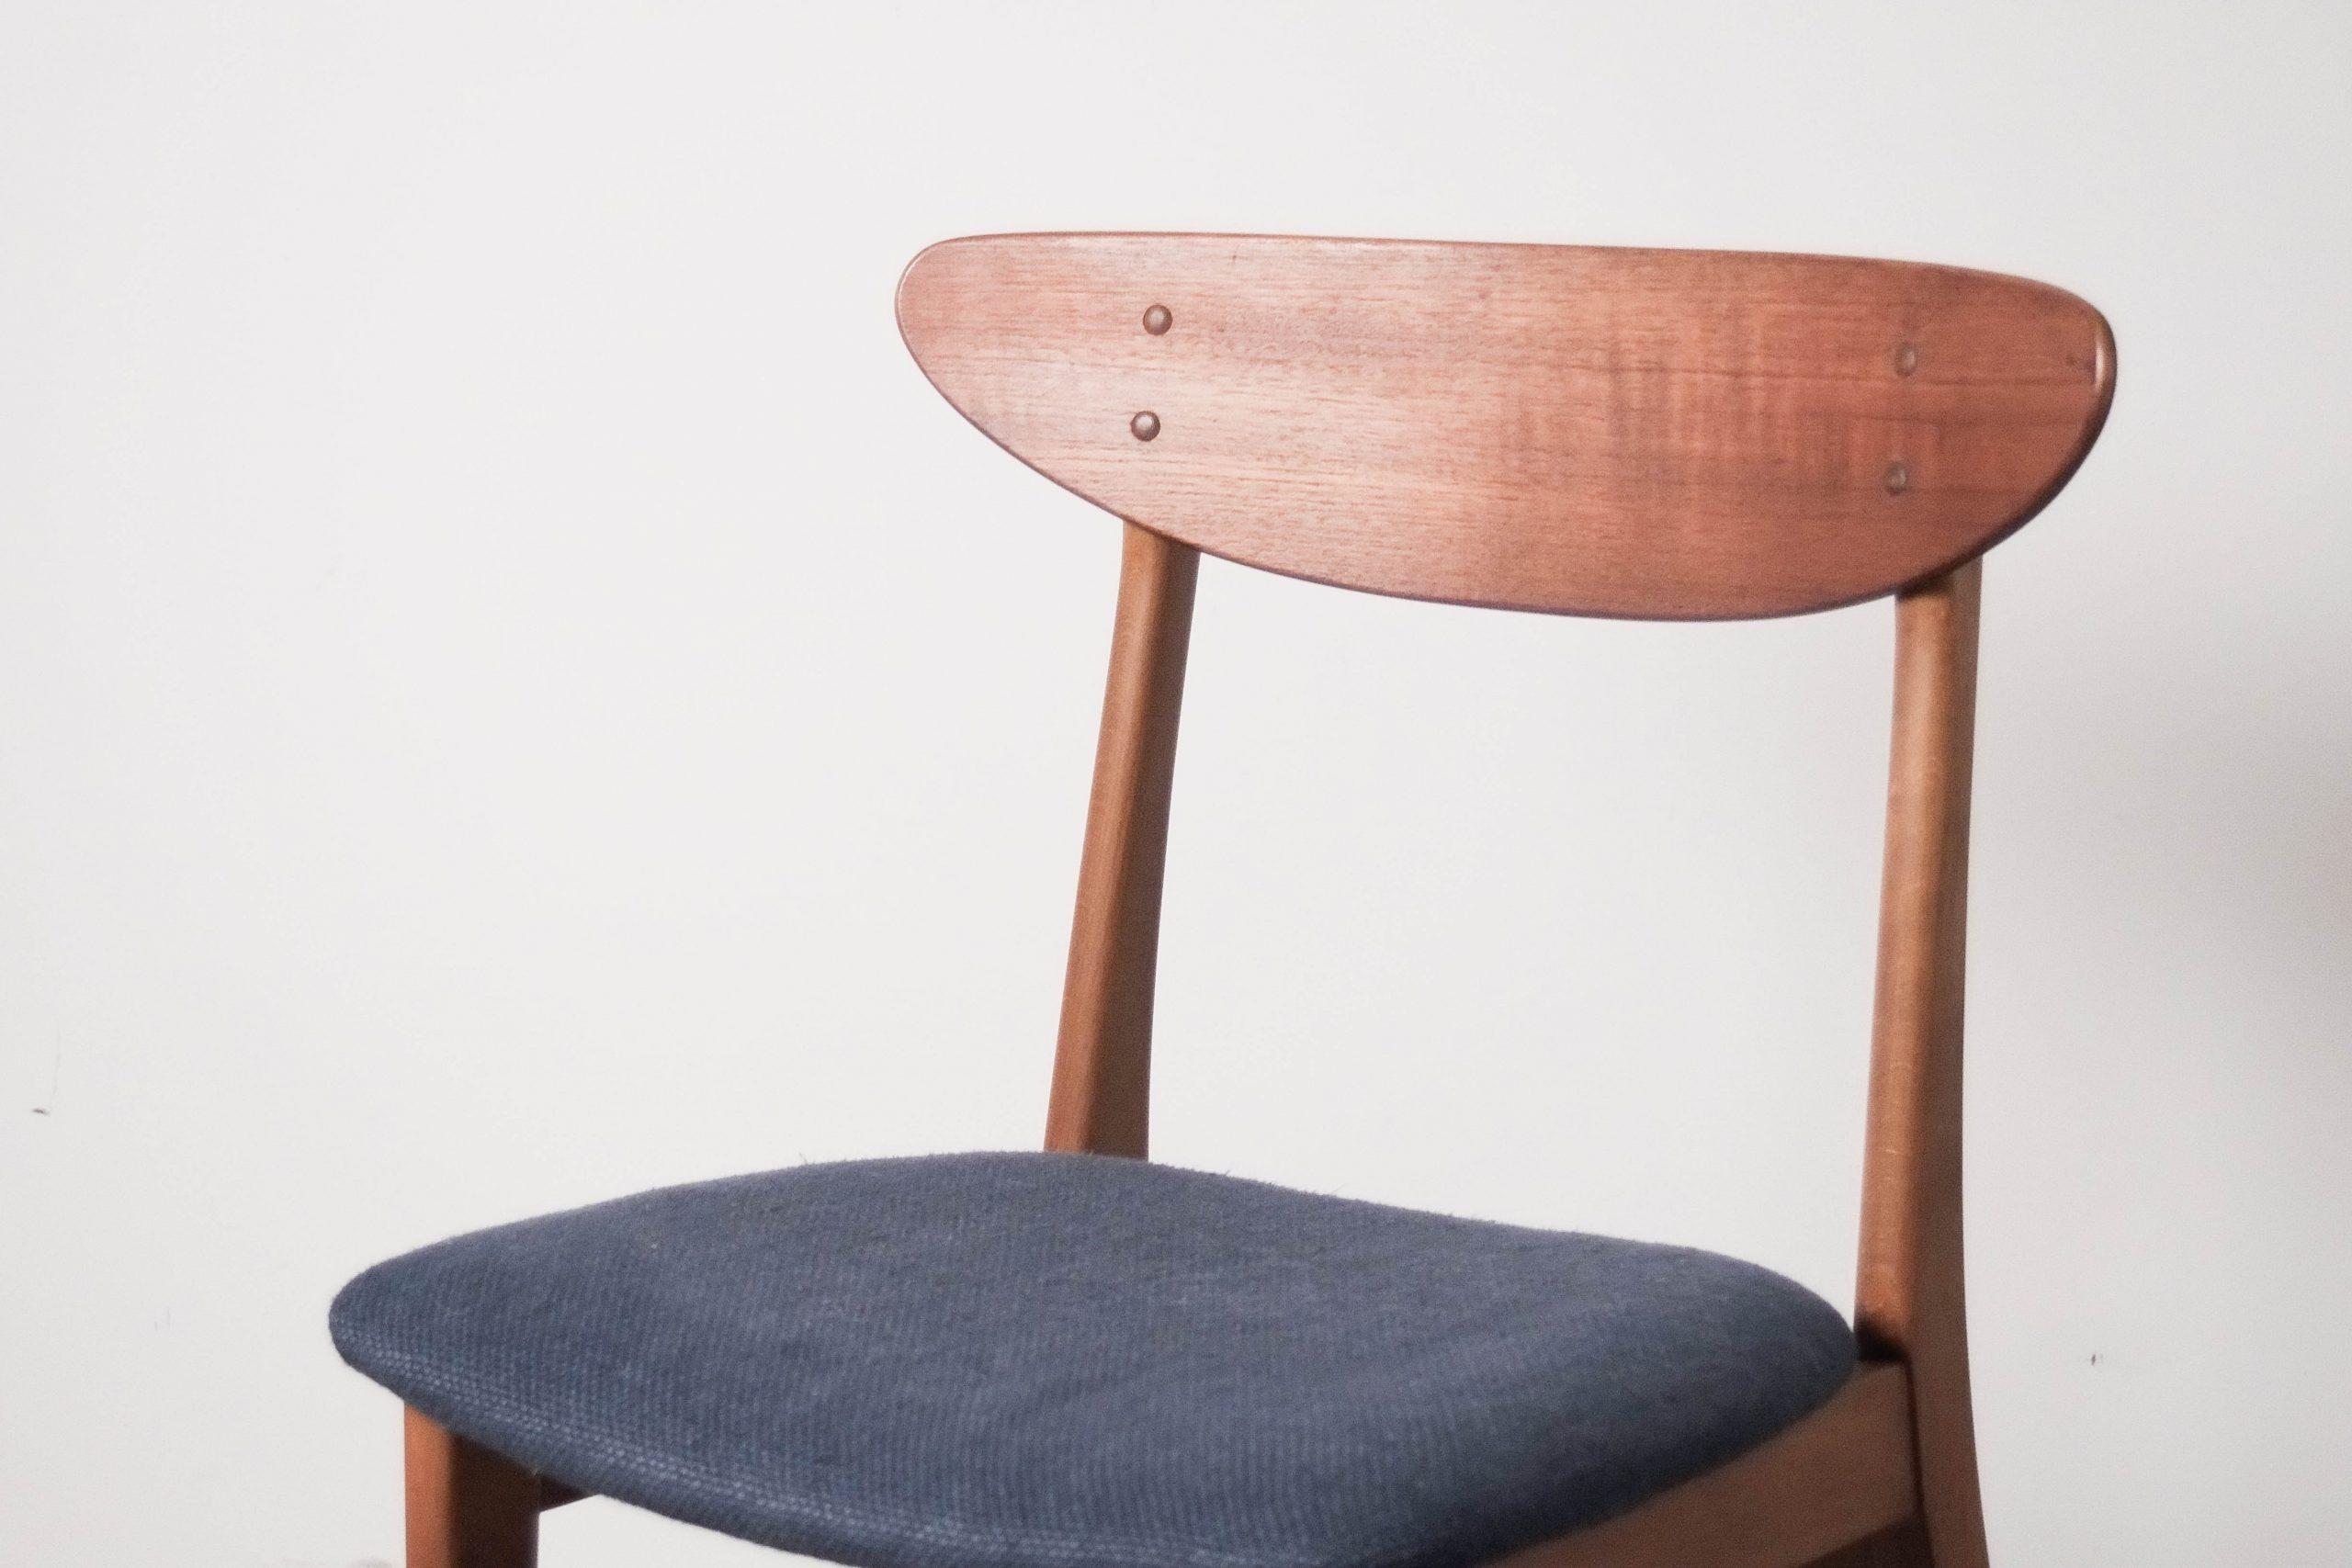 silla de teca farstrup diseño escritorio comedor salon